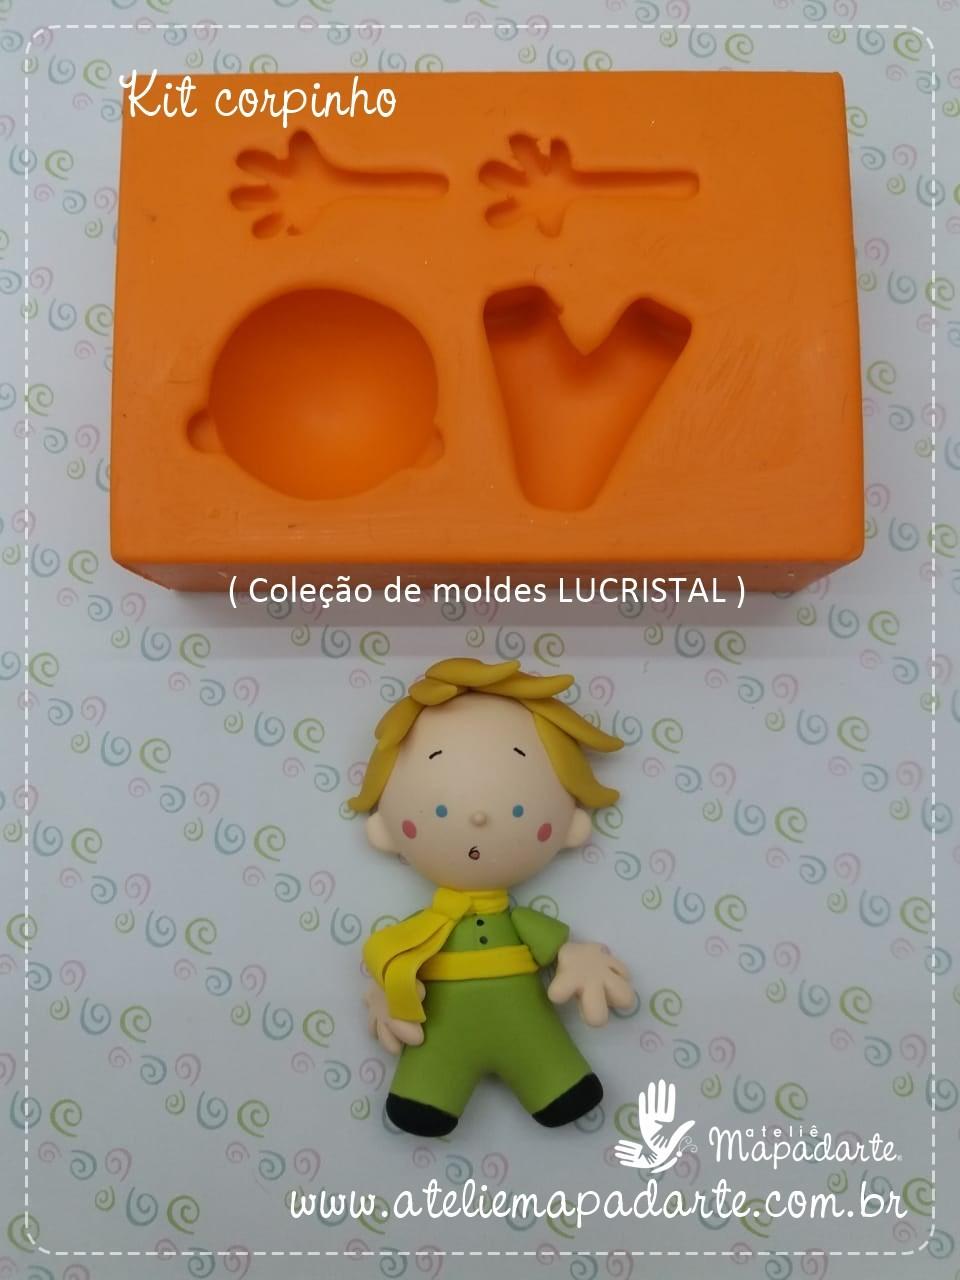 Foto 1 - Cód LC09 Molde de silicone kit corpinho (LUCRISTAL) Pequeno príncipe